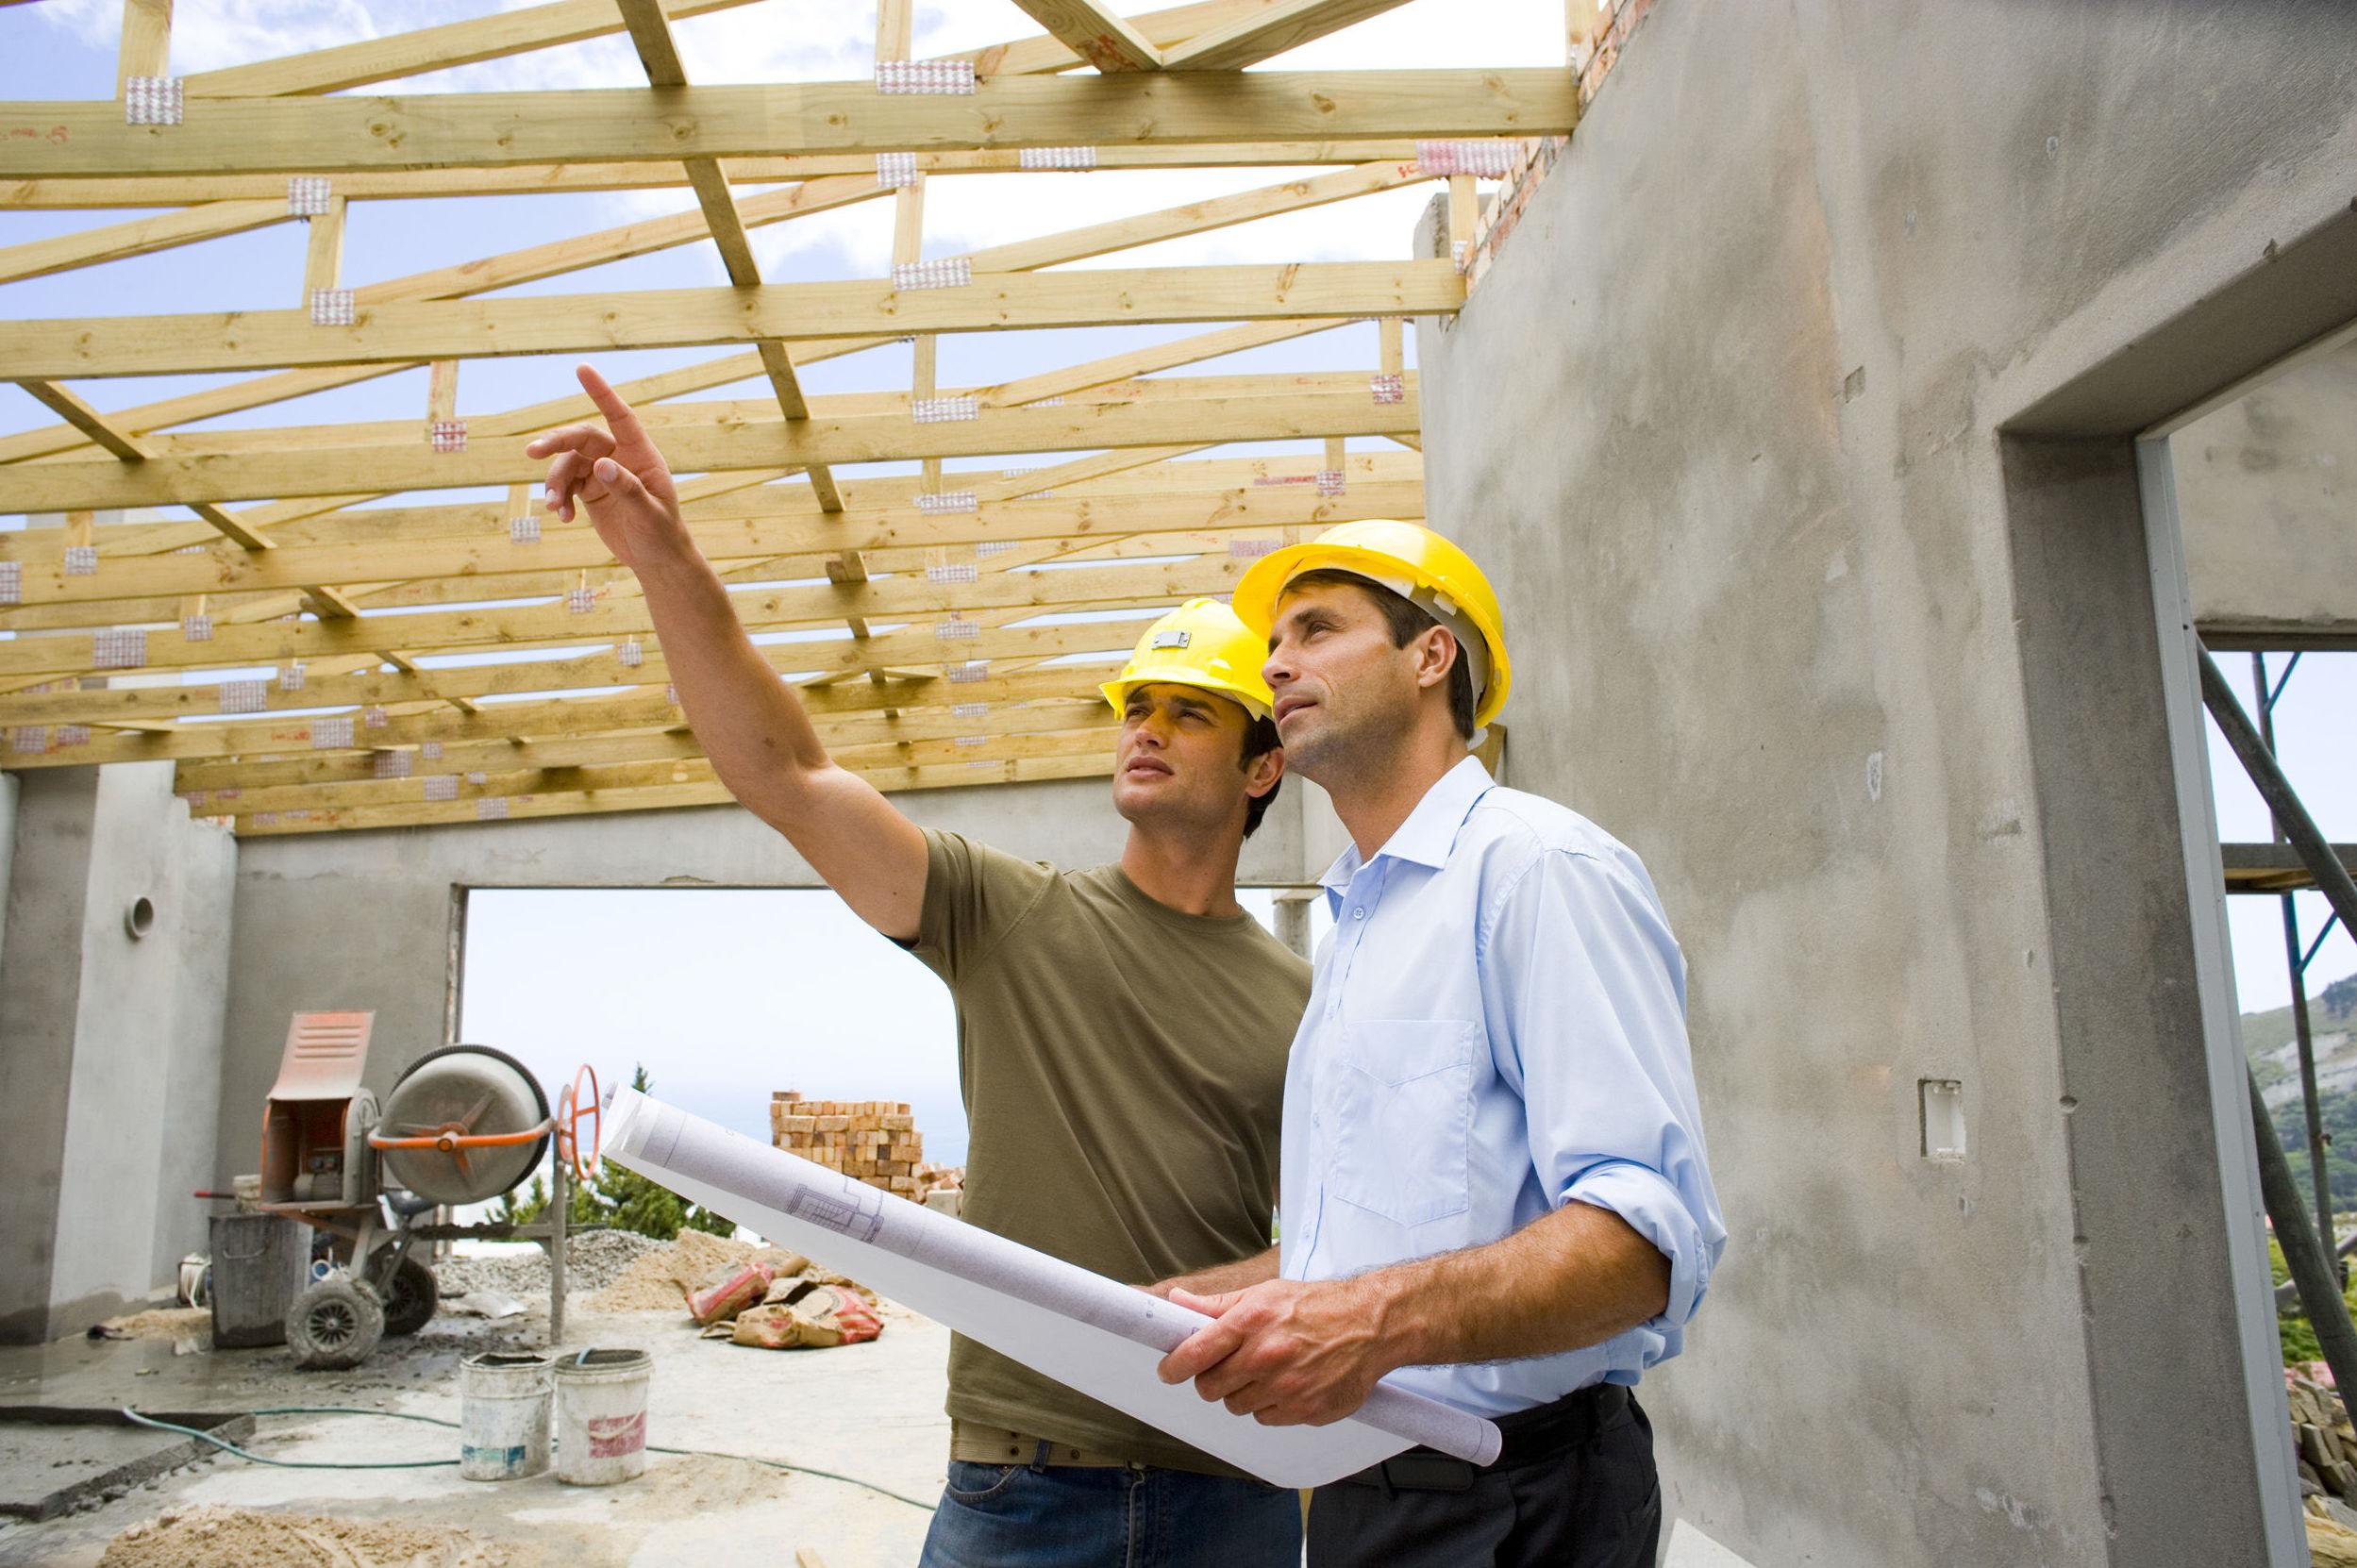 Servicios de pintura para reformas y construcción de obra nueva en Cáceres